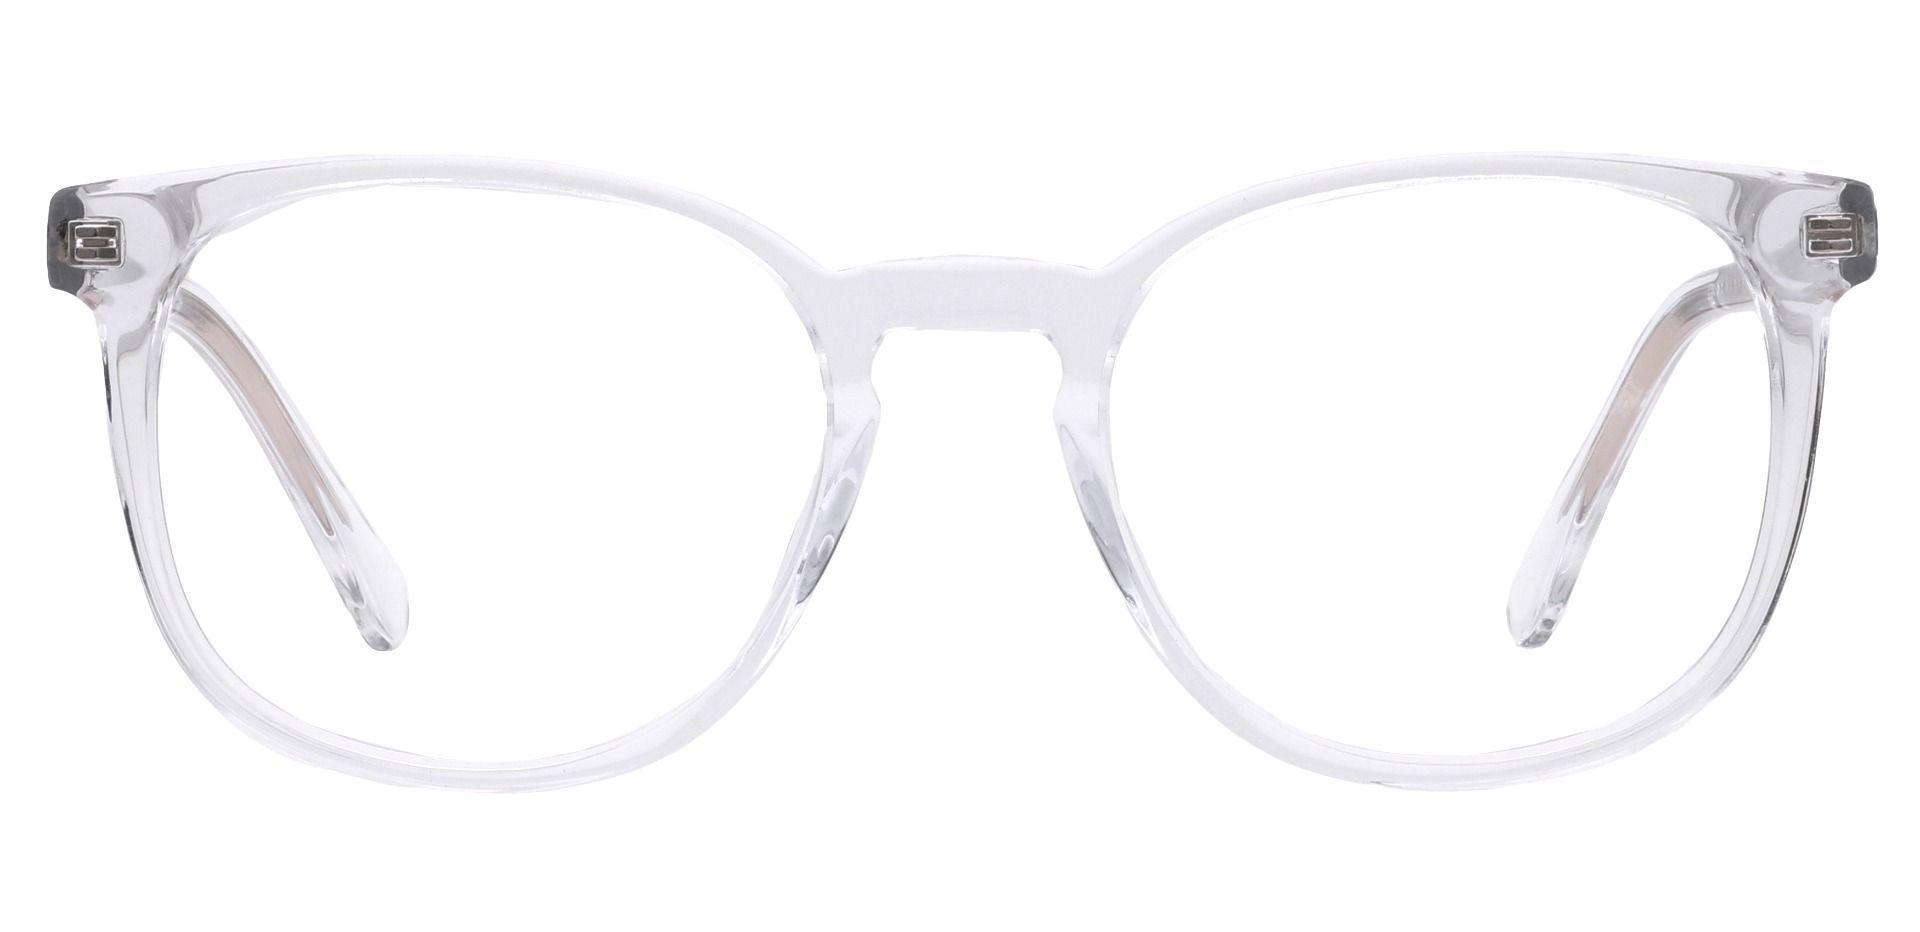 Nebula Round Prescription Glasses - Clear